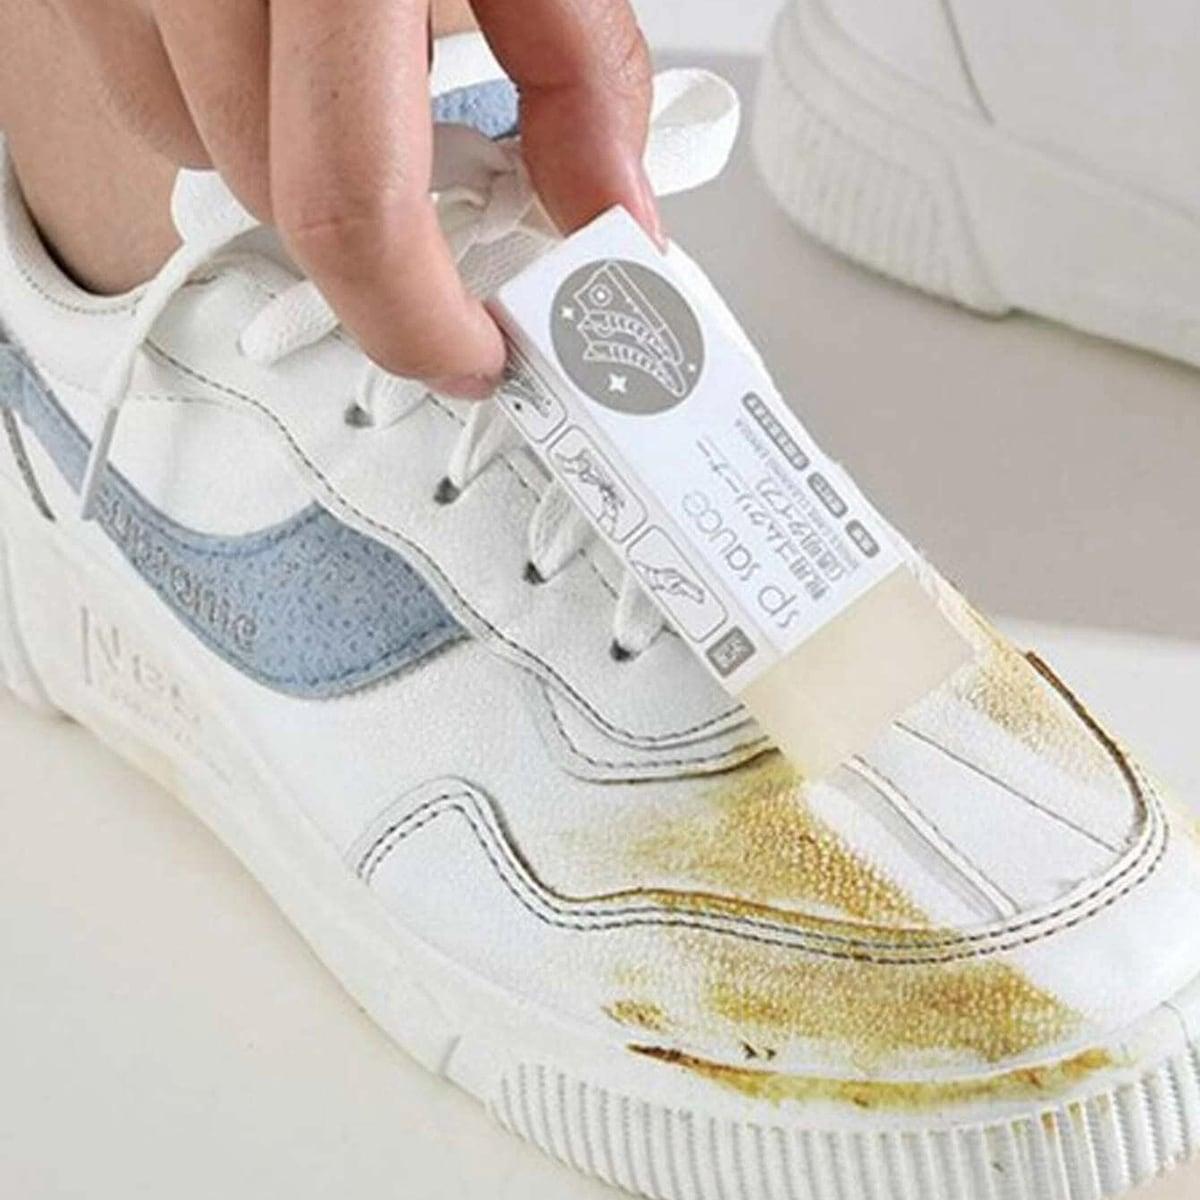 1шт ластик для чистки обуви